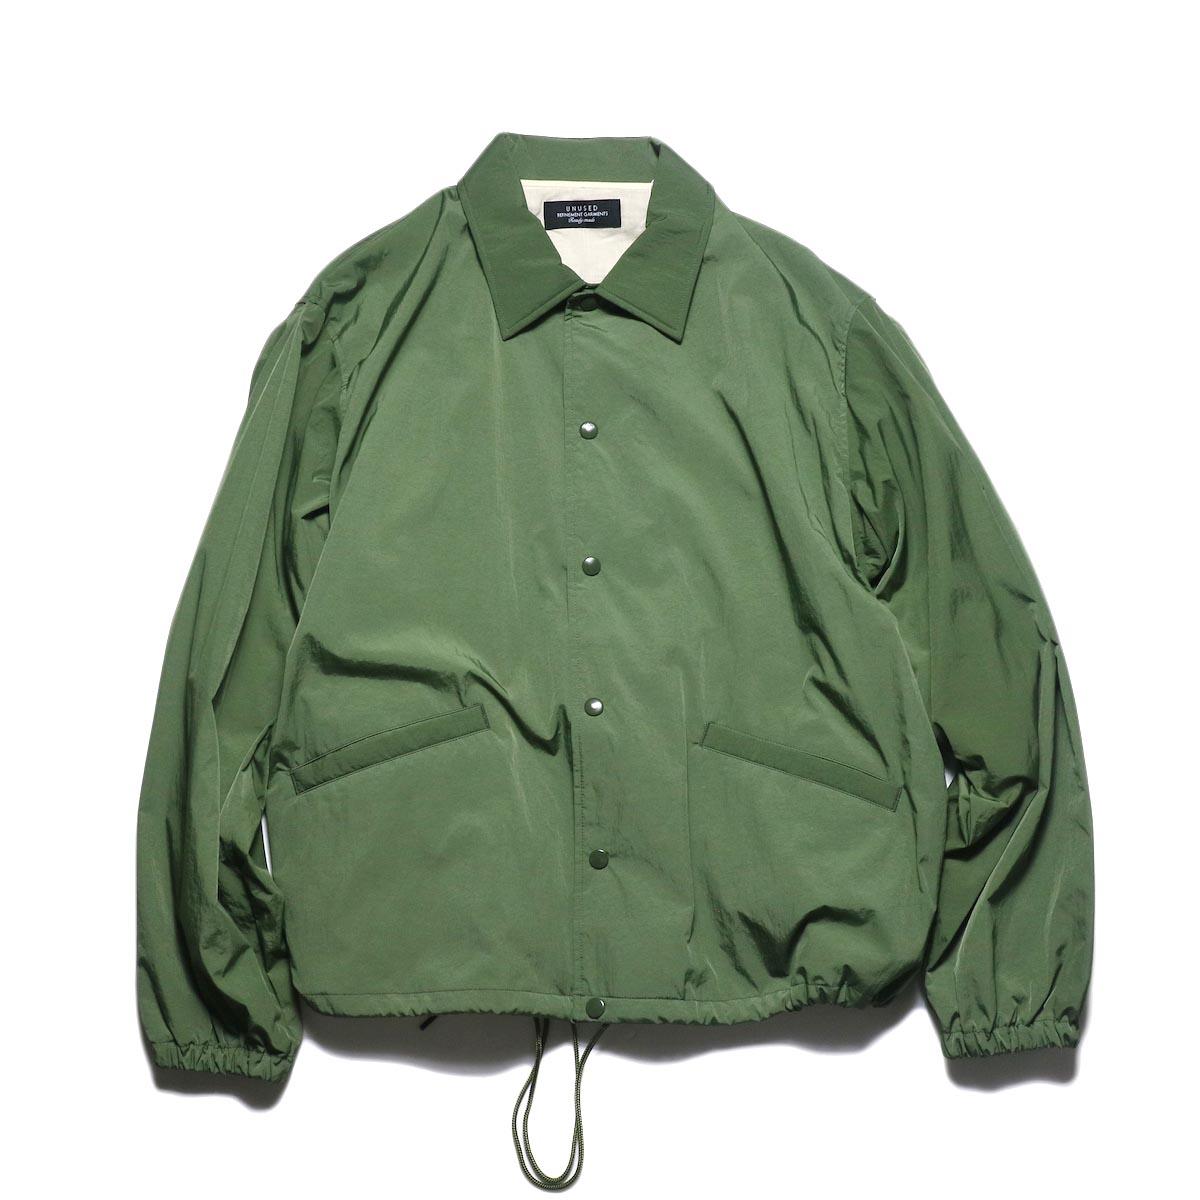 UNUSED / US1853 Coach Jacket (Olive)